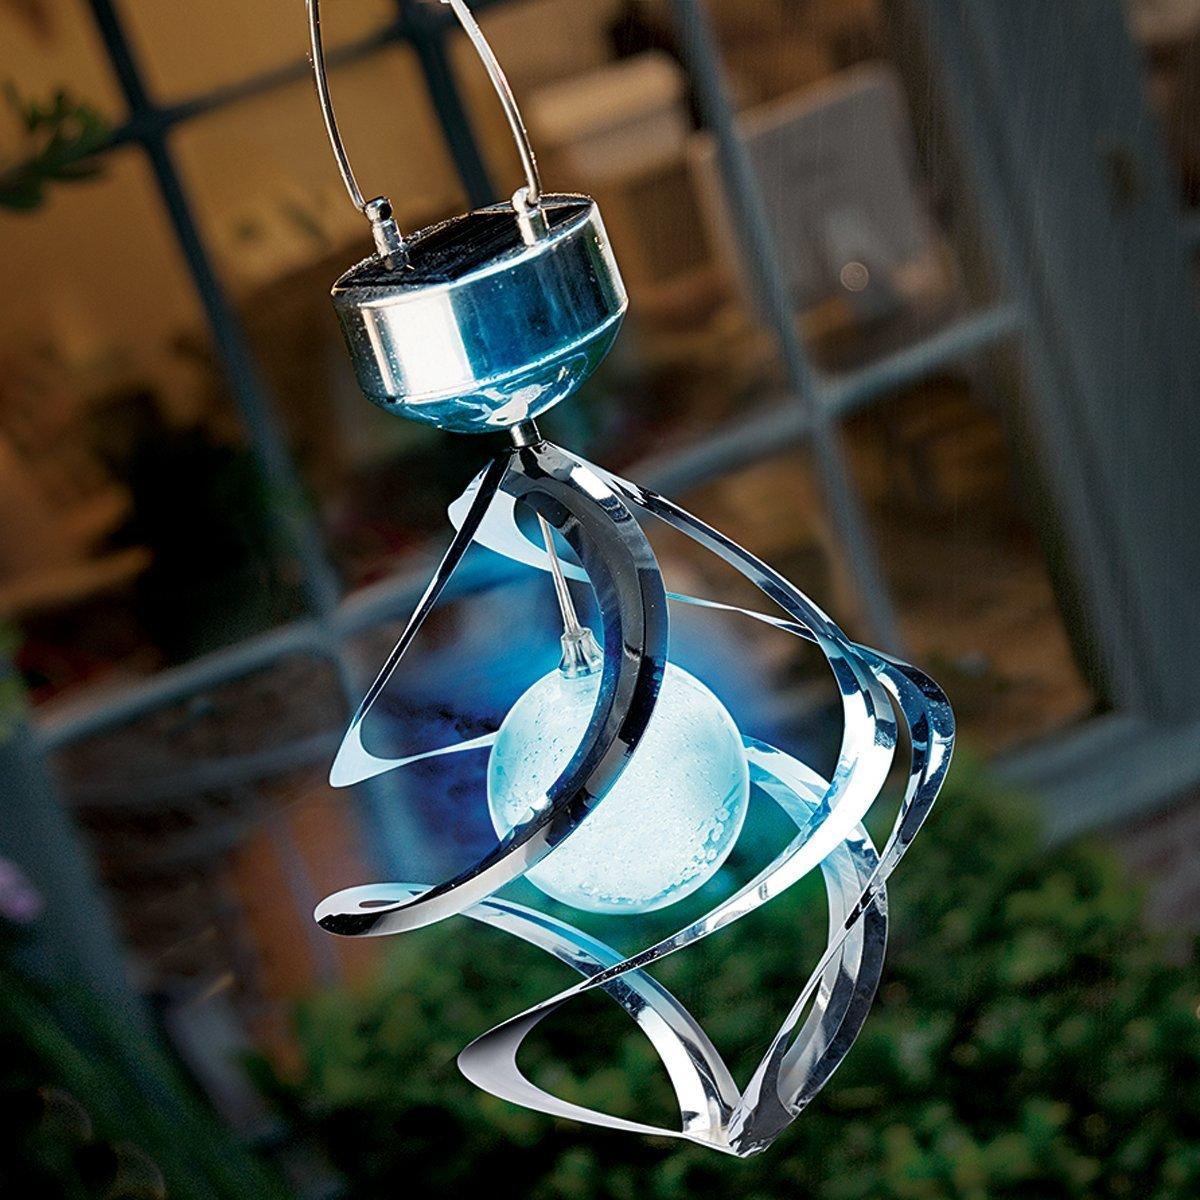 悬挂式旋涡太阳灯